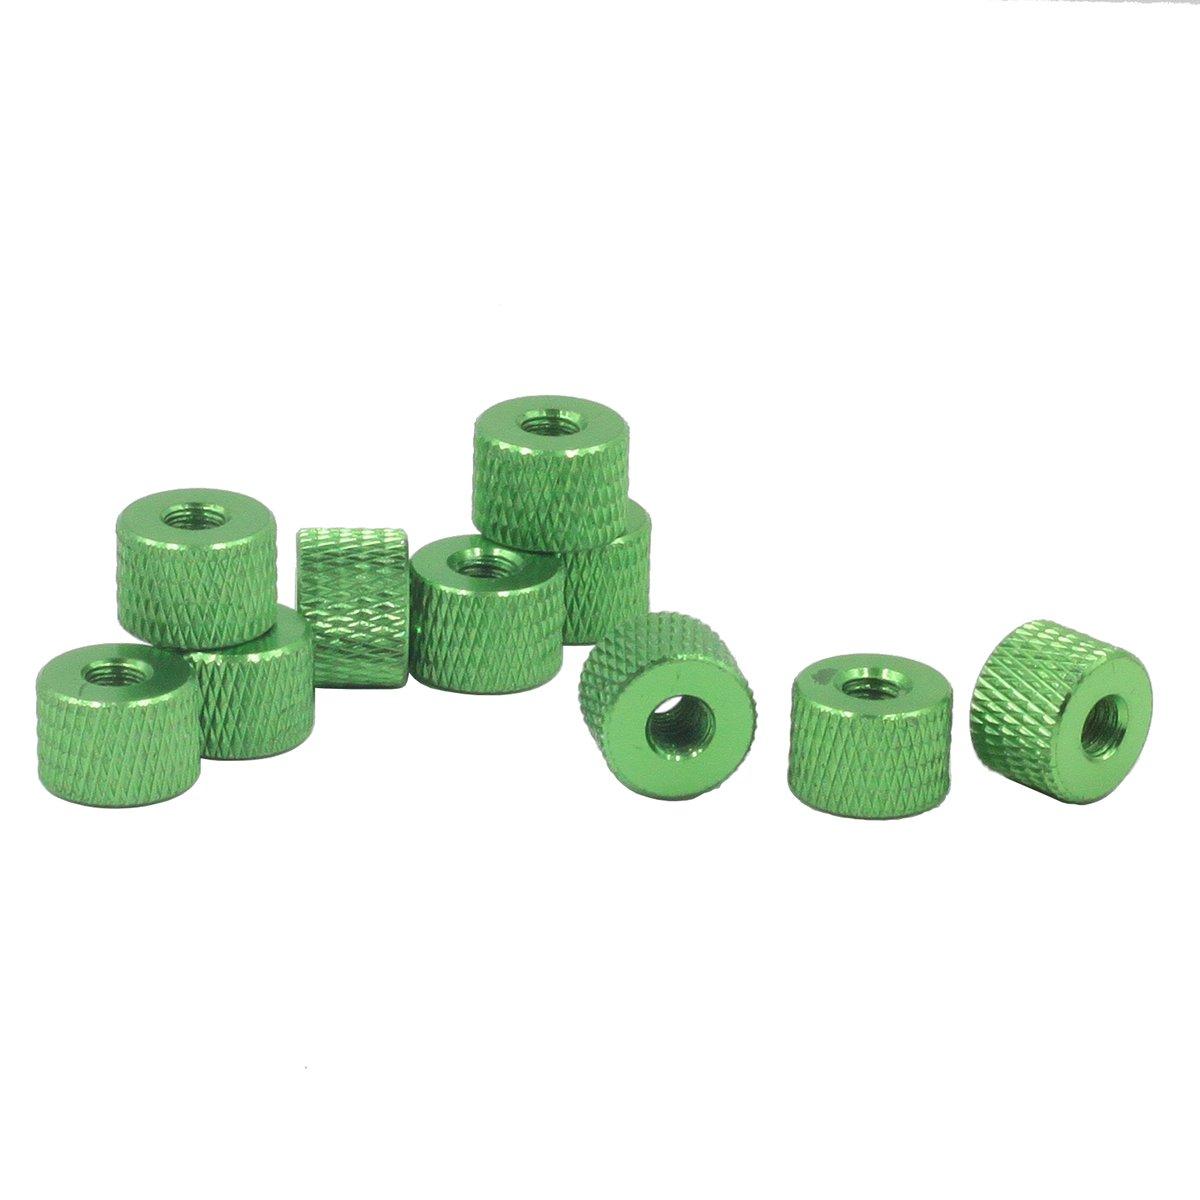 10 St/ück aus Aluminiumlegierung R/ändelmutter silber R/ändelmuttern